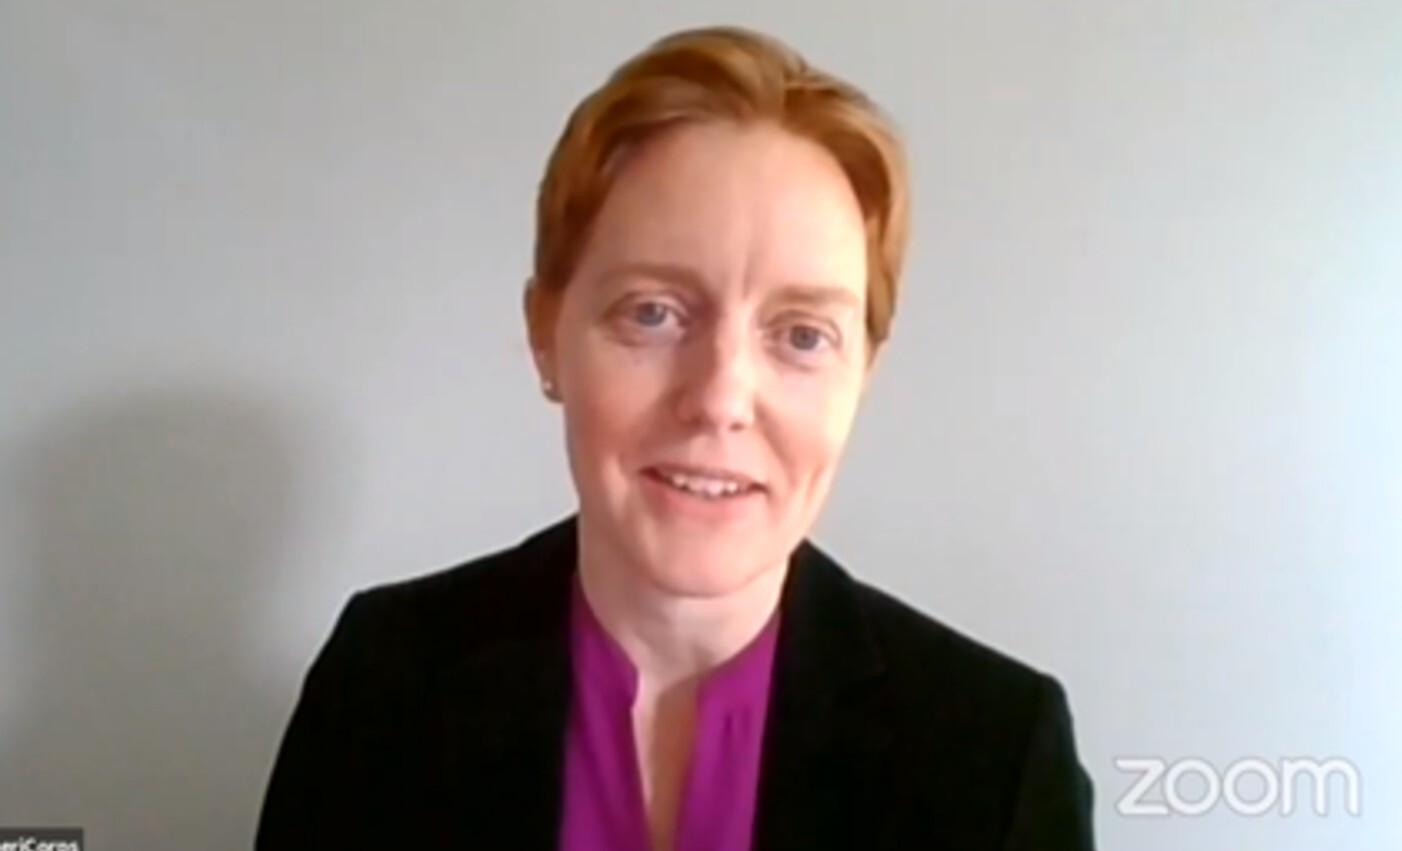 Karen Dahl is seen during a Zoom event